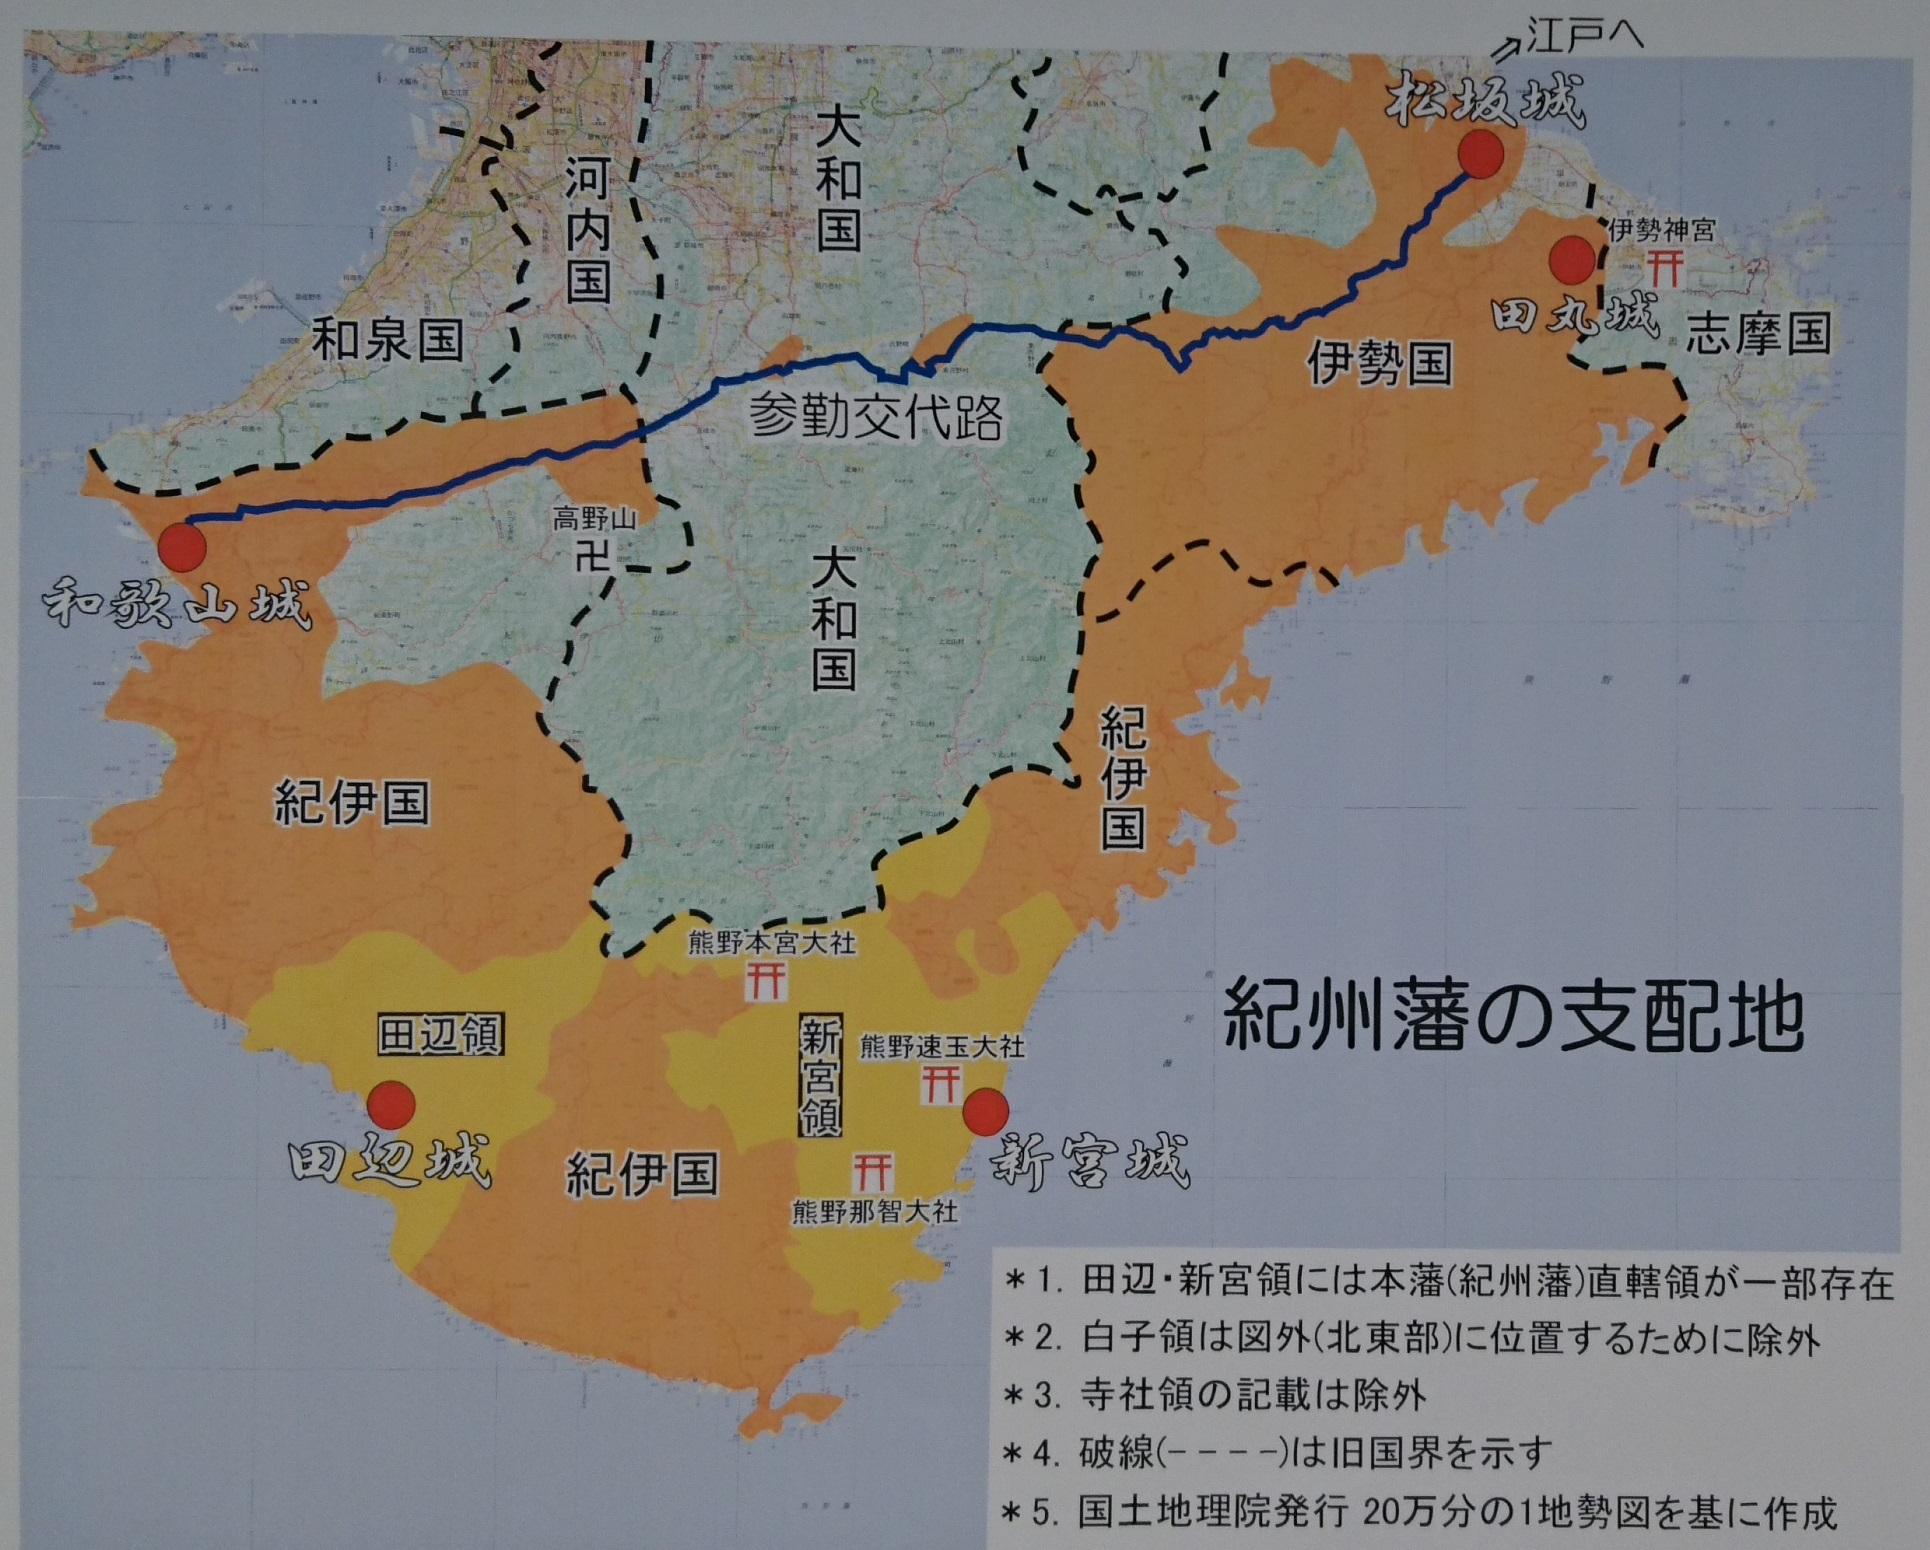 2017.8.17 わかやま (23) 紀州藩の支配地 1930-1550